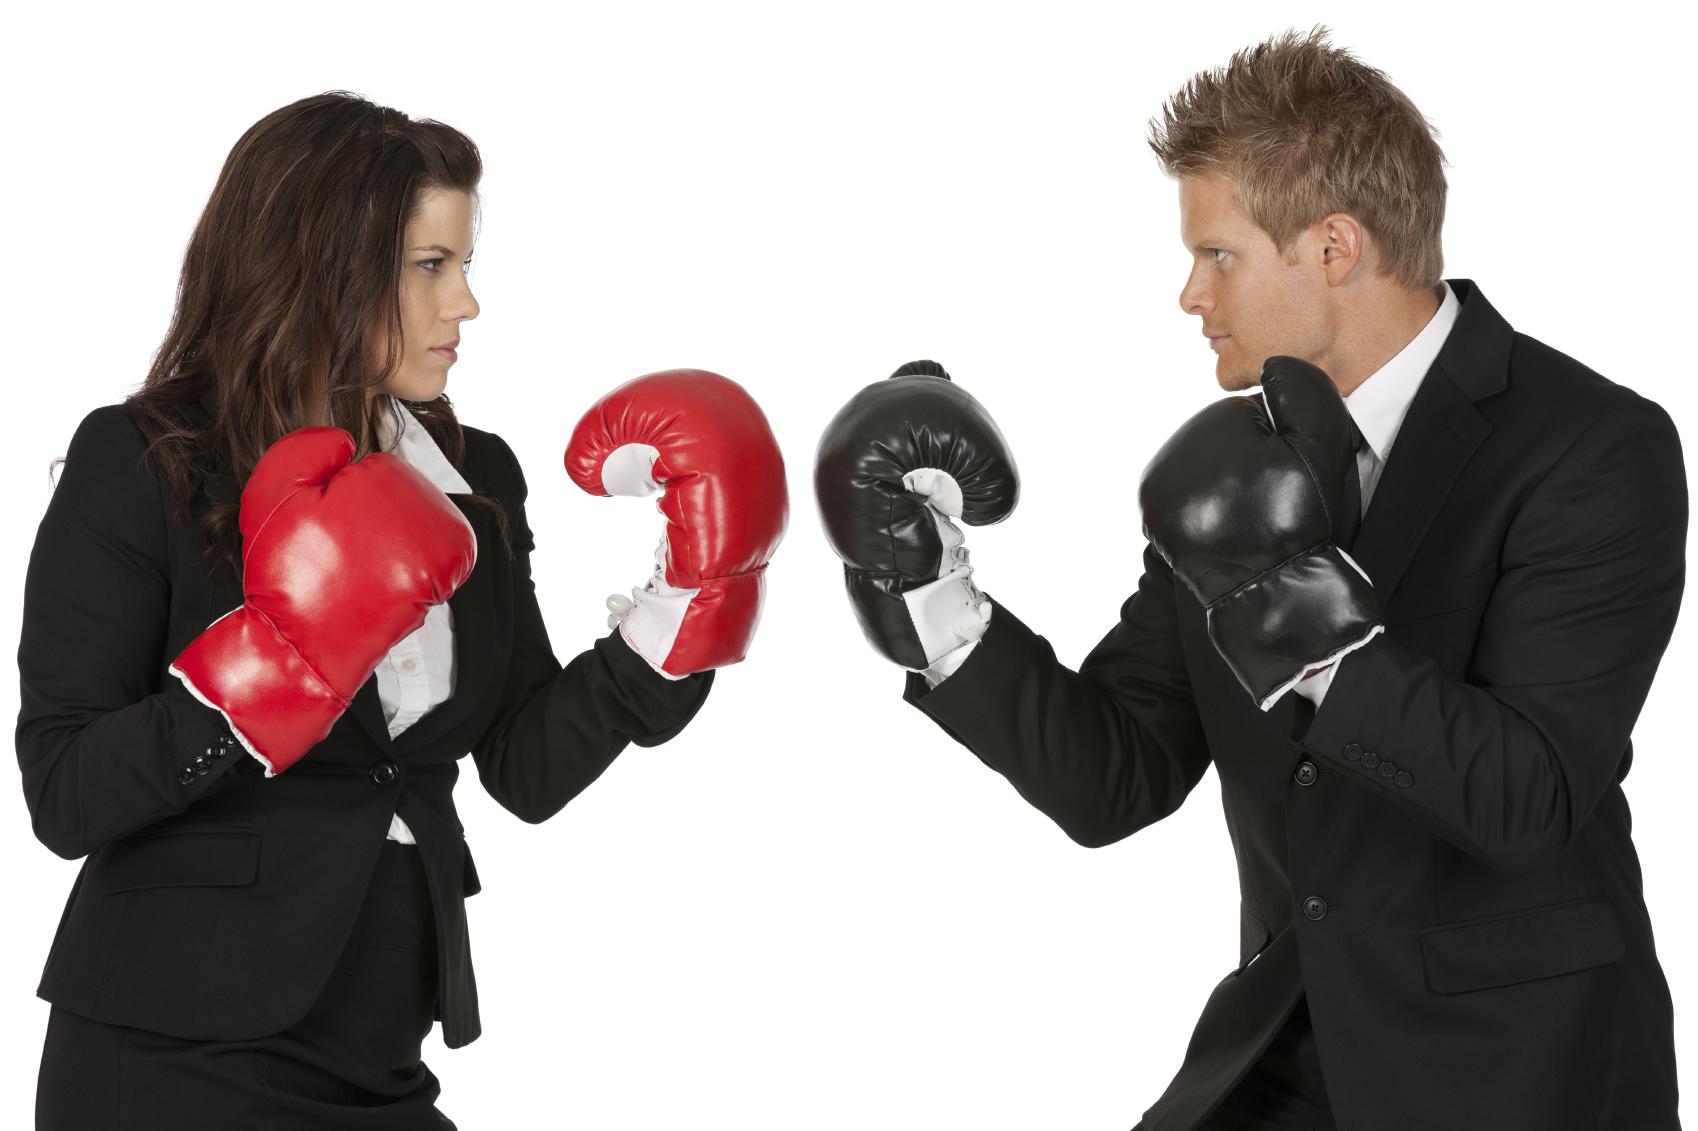 La confiance en soi : un conflit de valeur